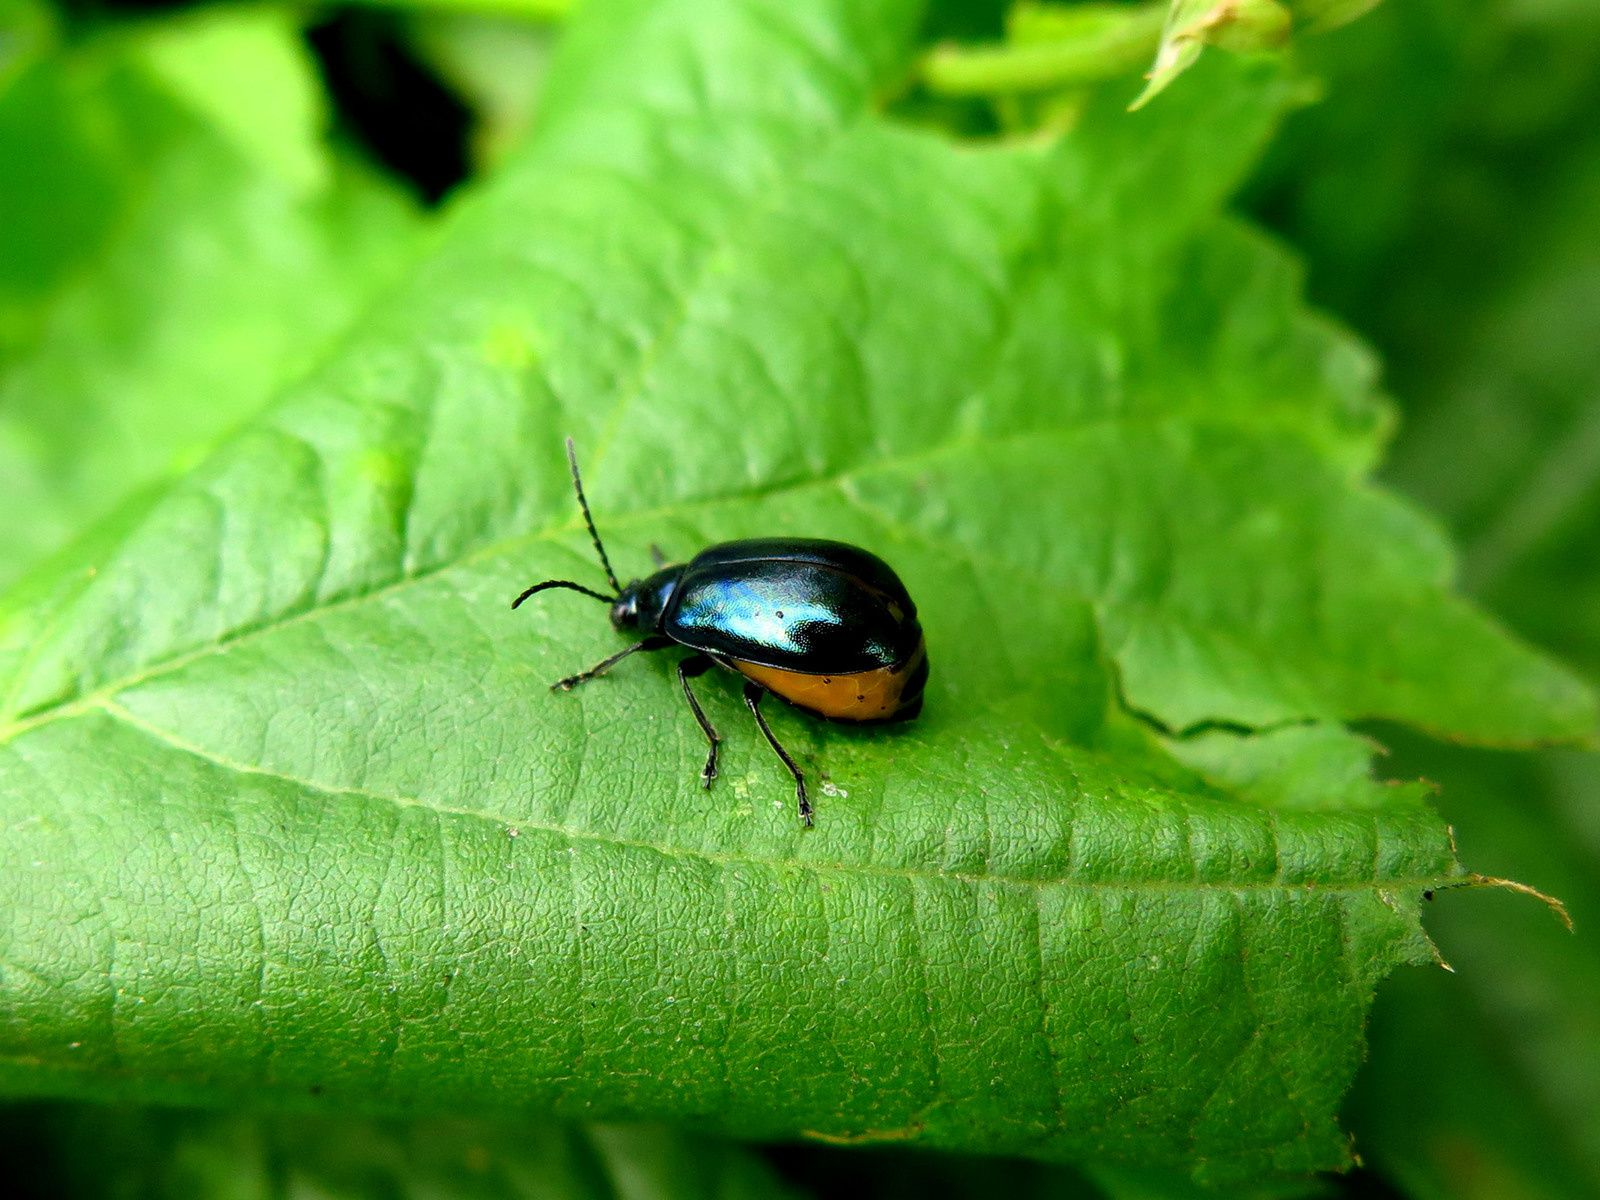 Galéruque de l'aulne et ses larves (Agelastica alni)